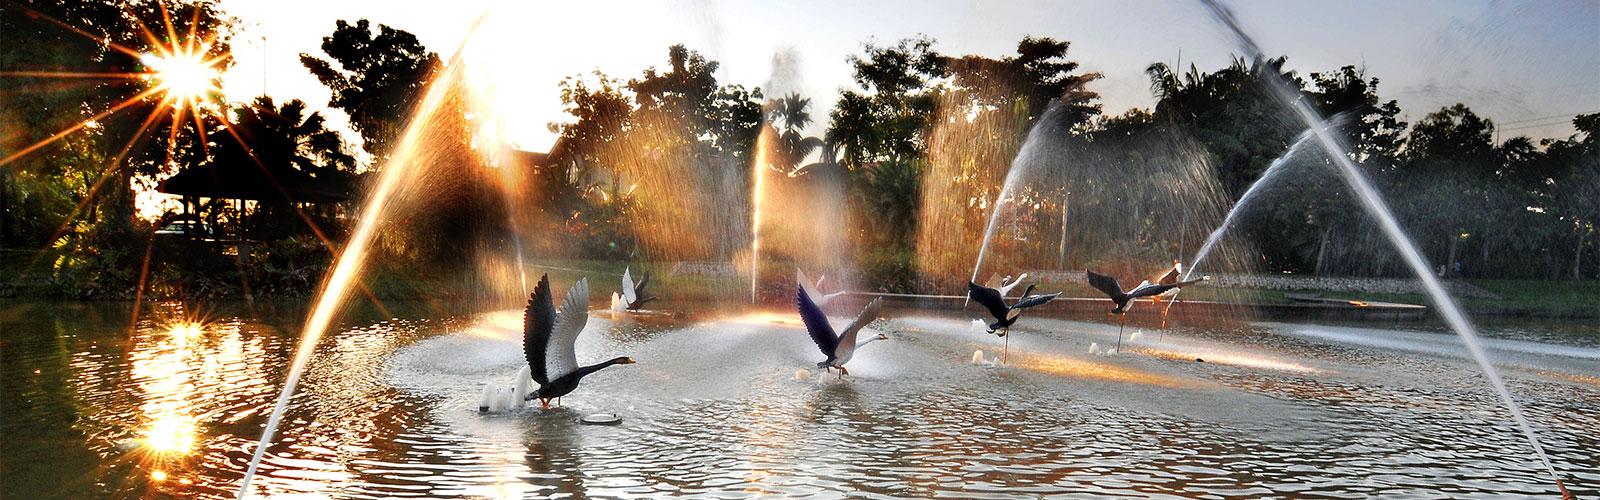 Bandar Botanic